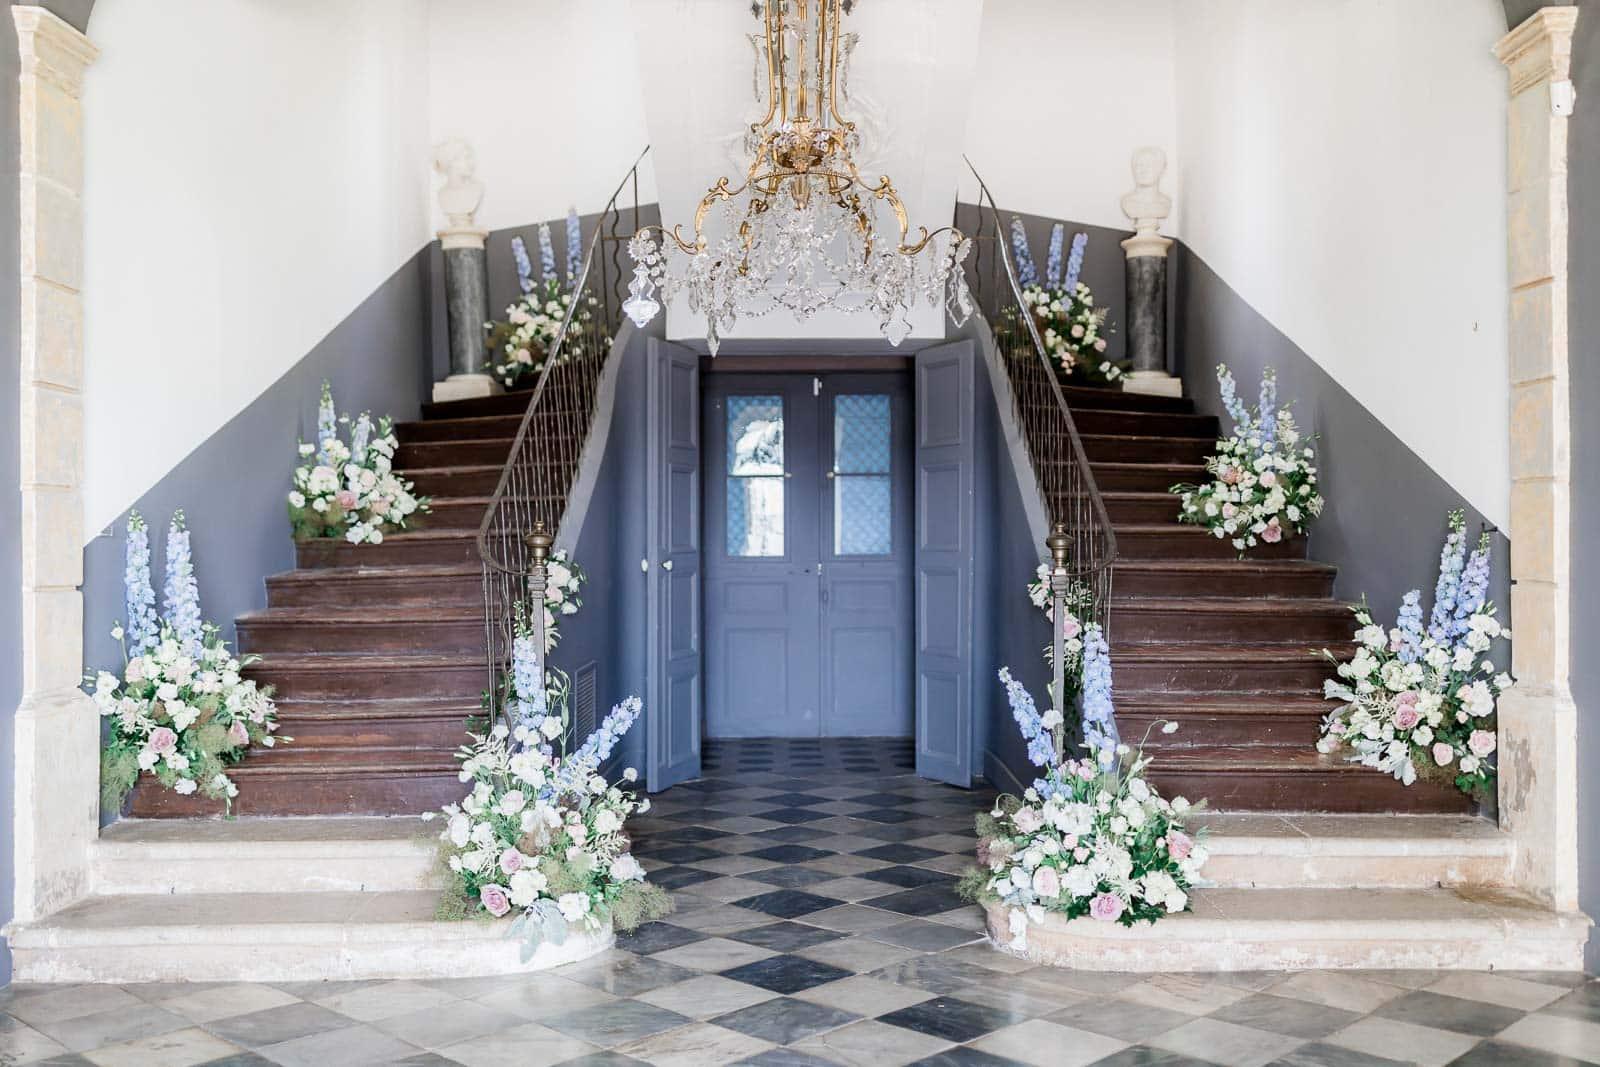 Photographie de Mathieu Dété présentant l'escalier fleuri de l'intérieur de la Villa Brignac